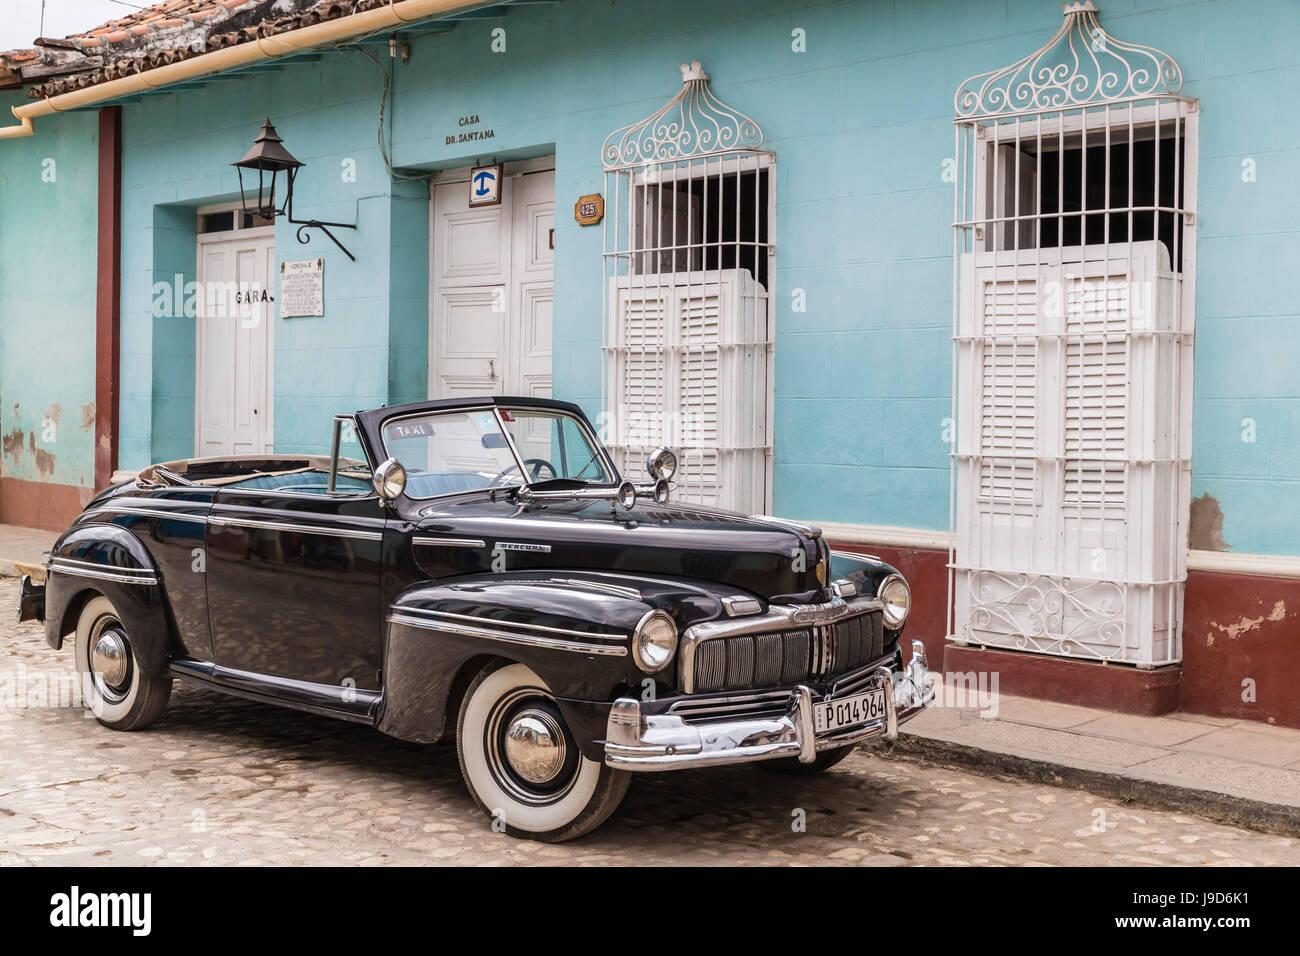 Un millésime 1948 American Mercury 8 comme un taxi dans la ville de Trinidad, l'UNESCO, Cuba, Antilles, Photo Stock